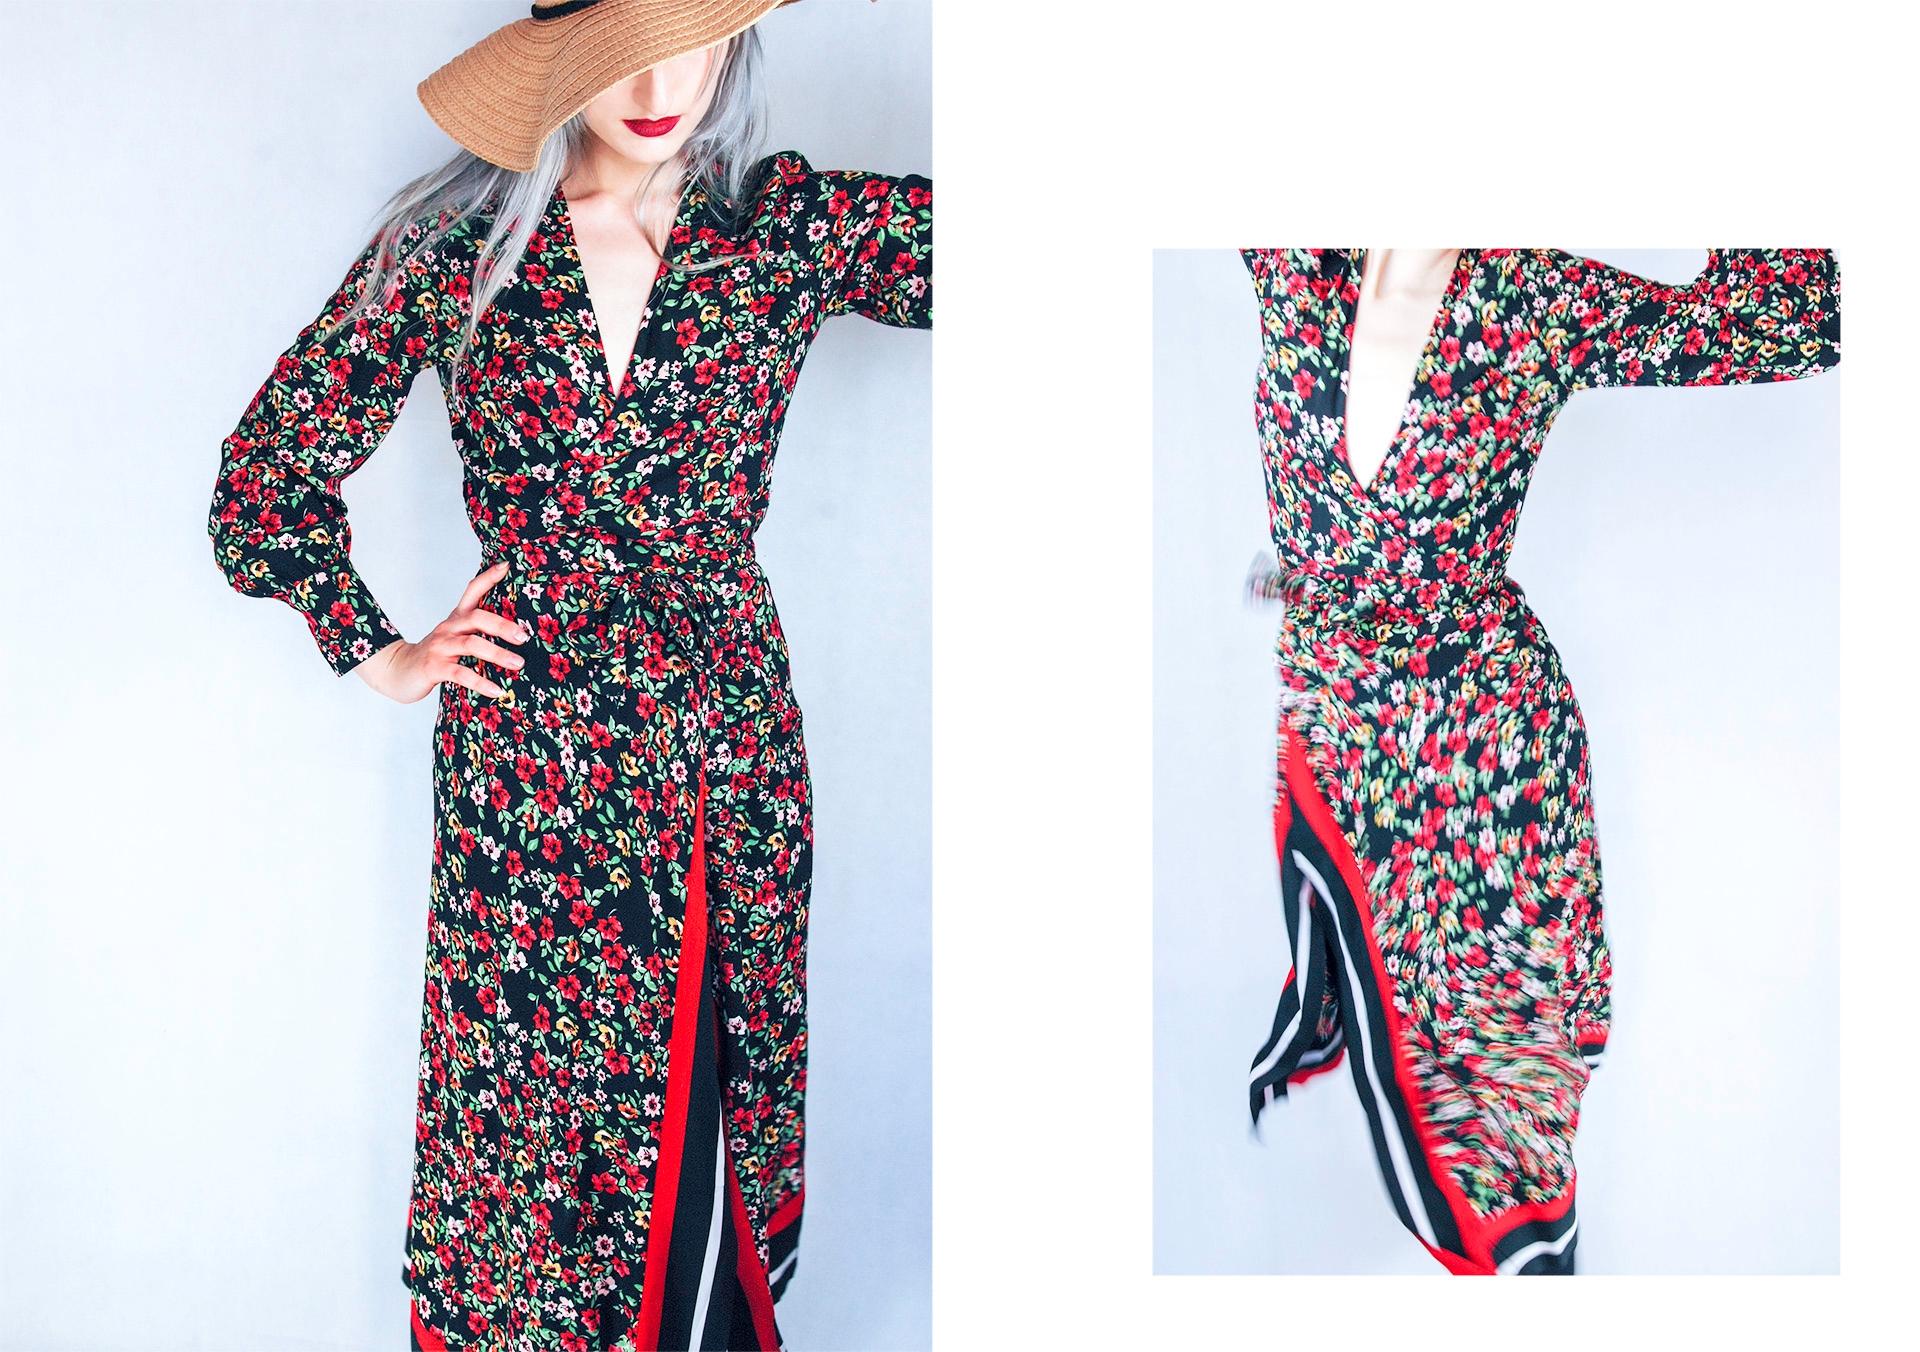 Obraz przedstawia dwa zdjęcia modelki ubranej w długą sukienkę w kwiaty. Widzimy także fragment kapelusza, czerwone usta i siwe włosy.